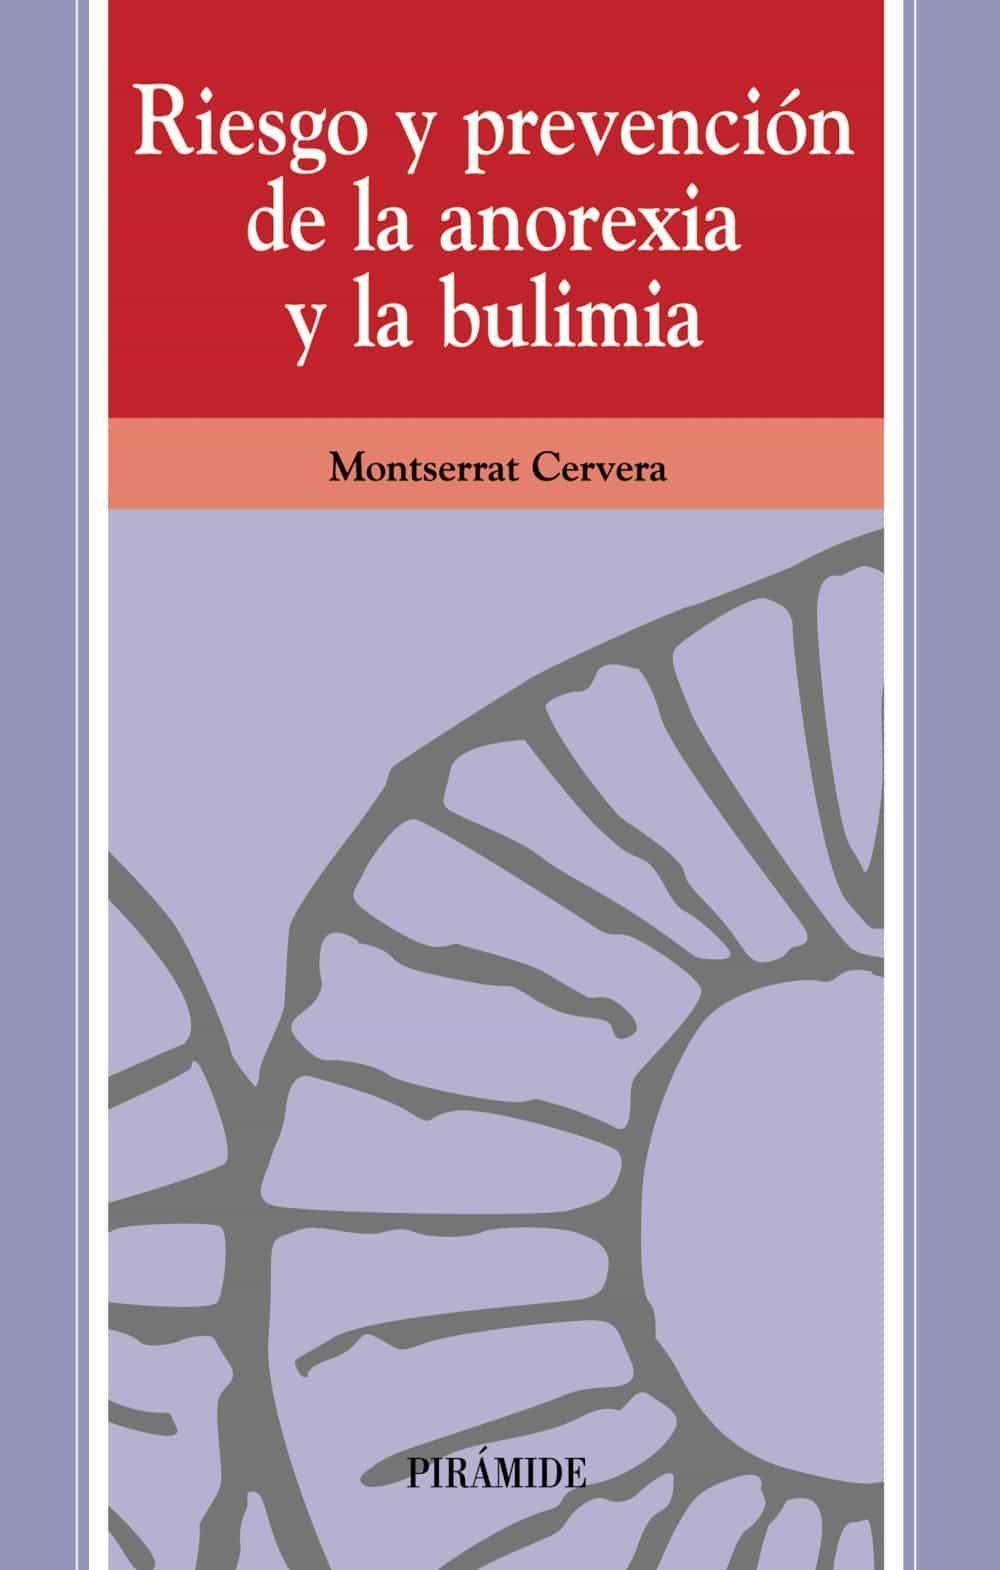 Riesgo Y Prevencion De La Anorexia Y La Bulimia por Montserrat Cervera epub